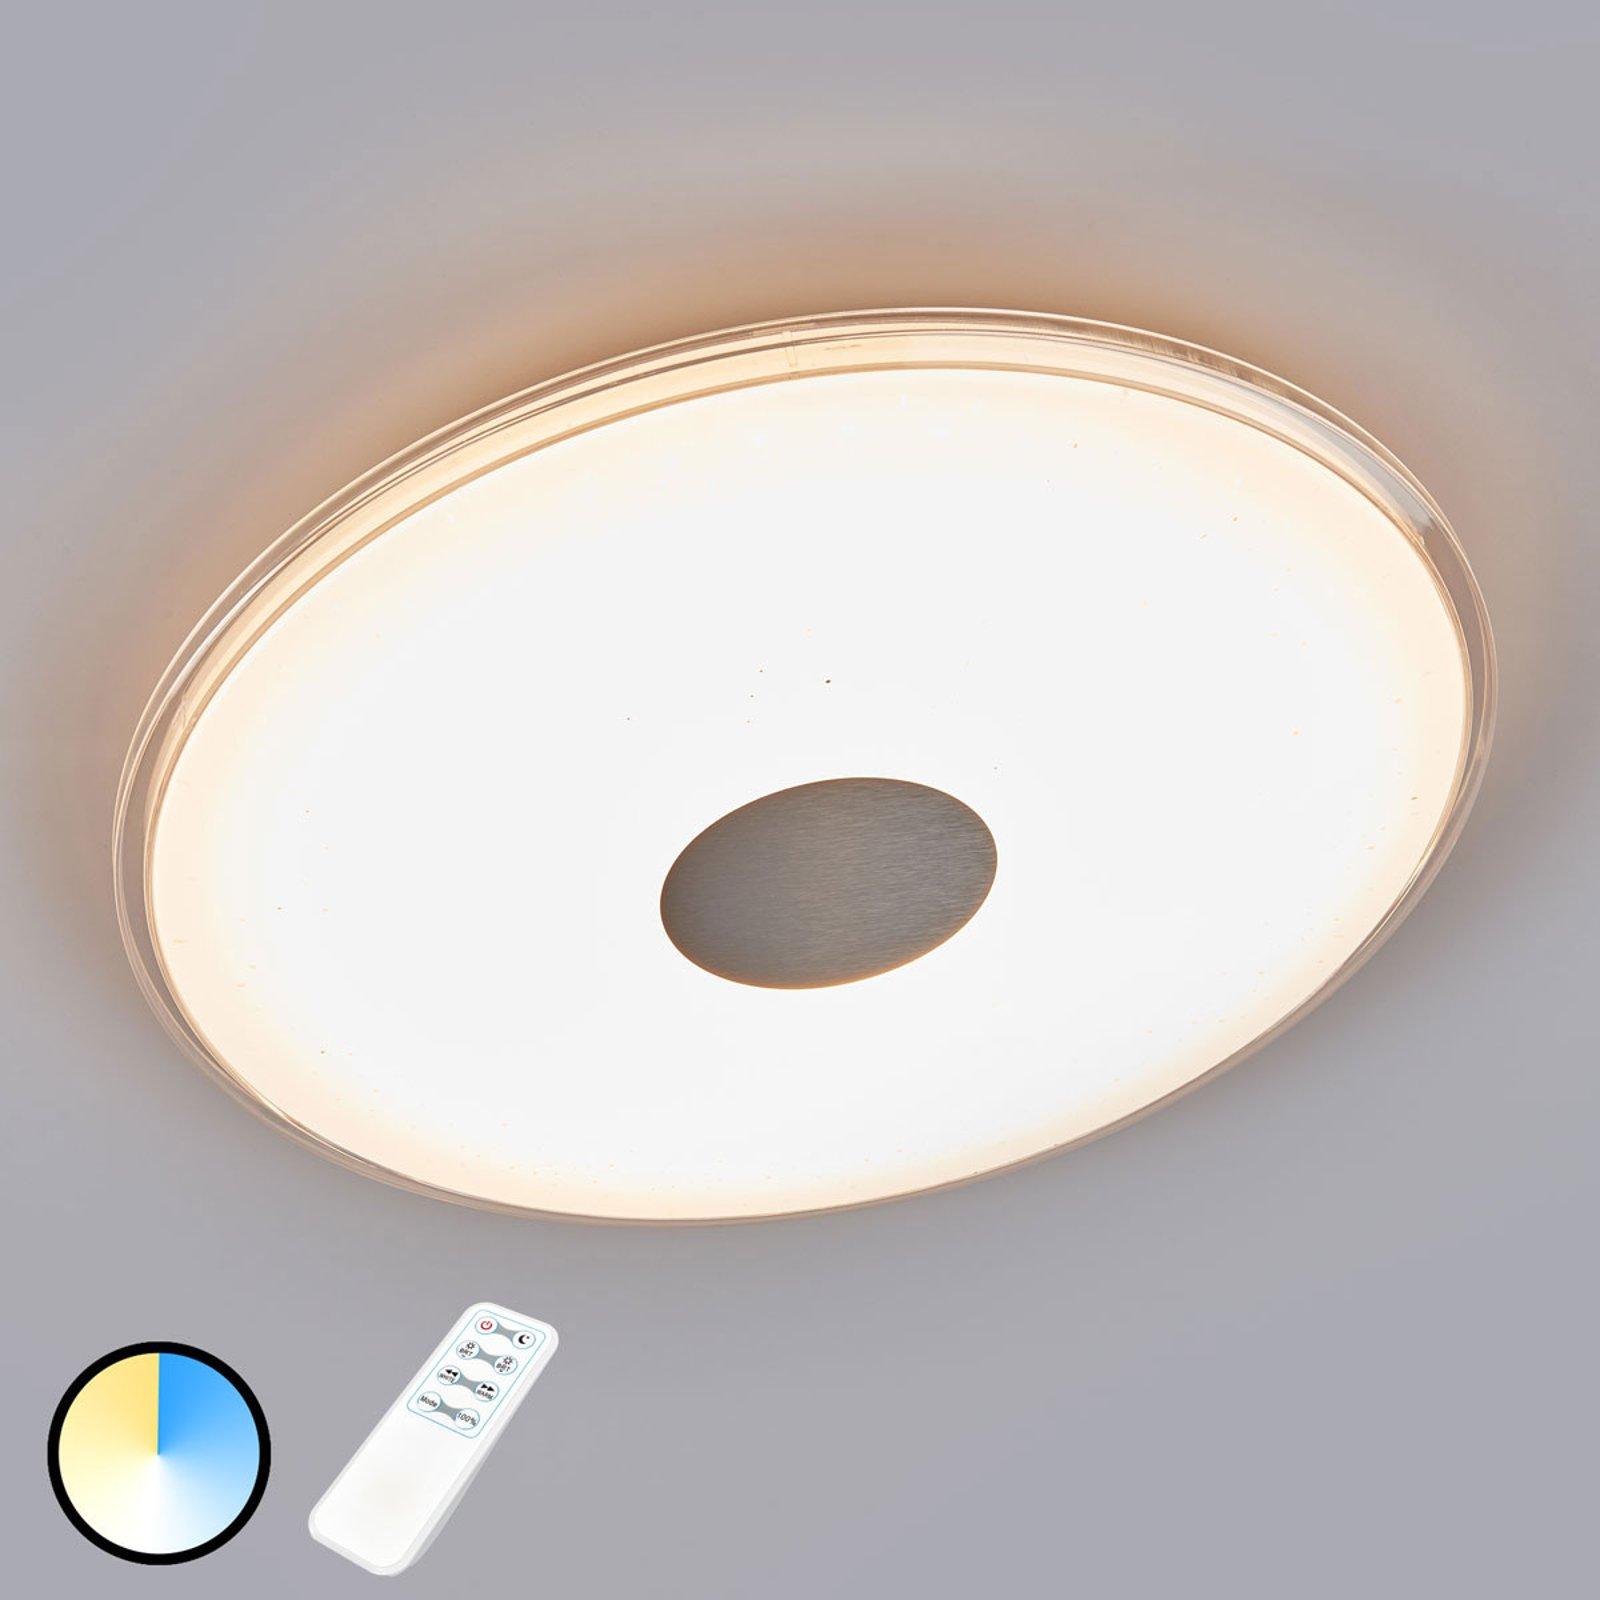 Rund LED-taklampe Shogun med strålende utseende